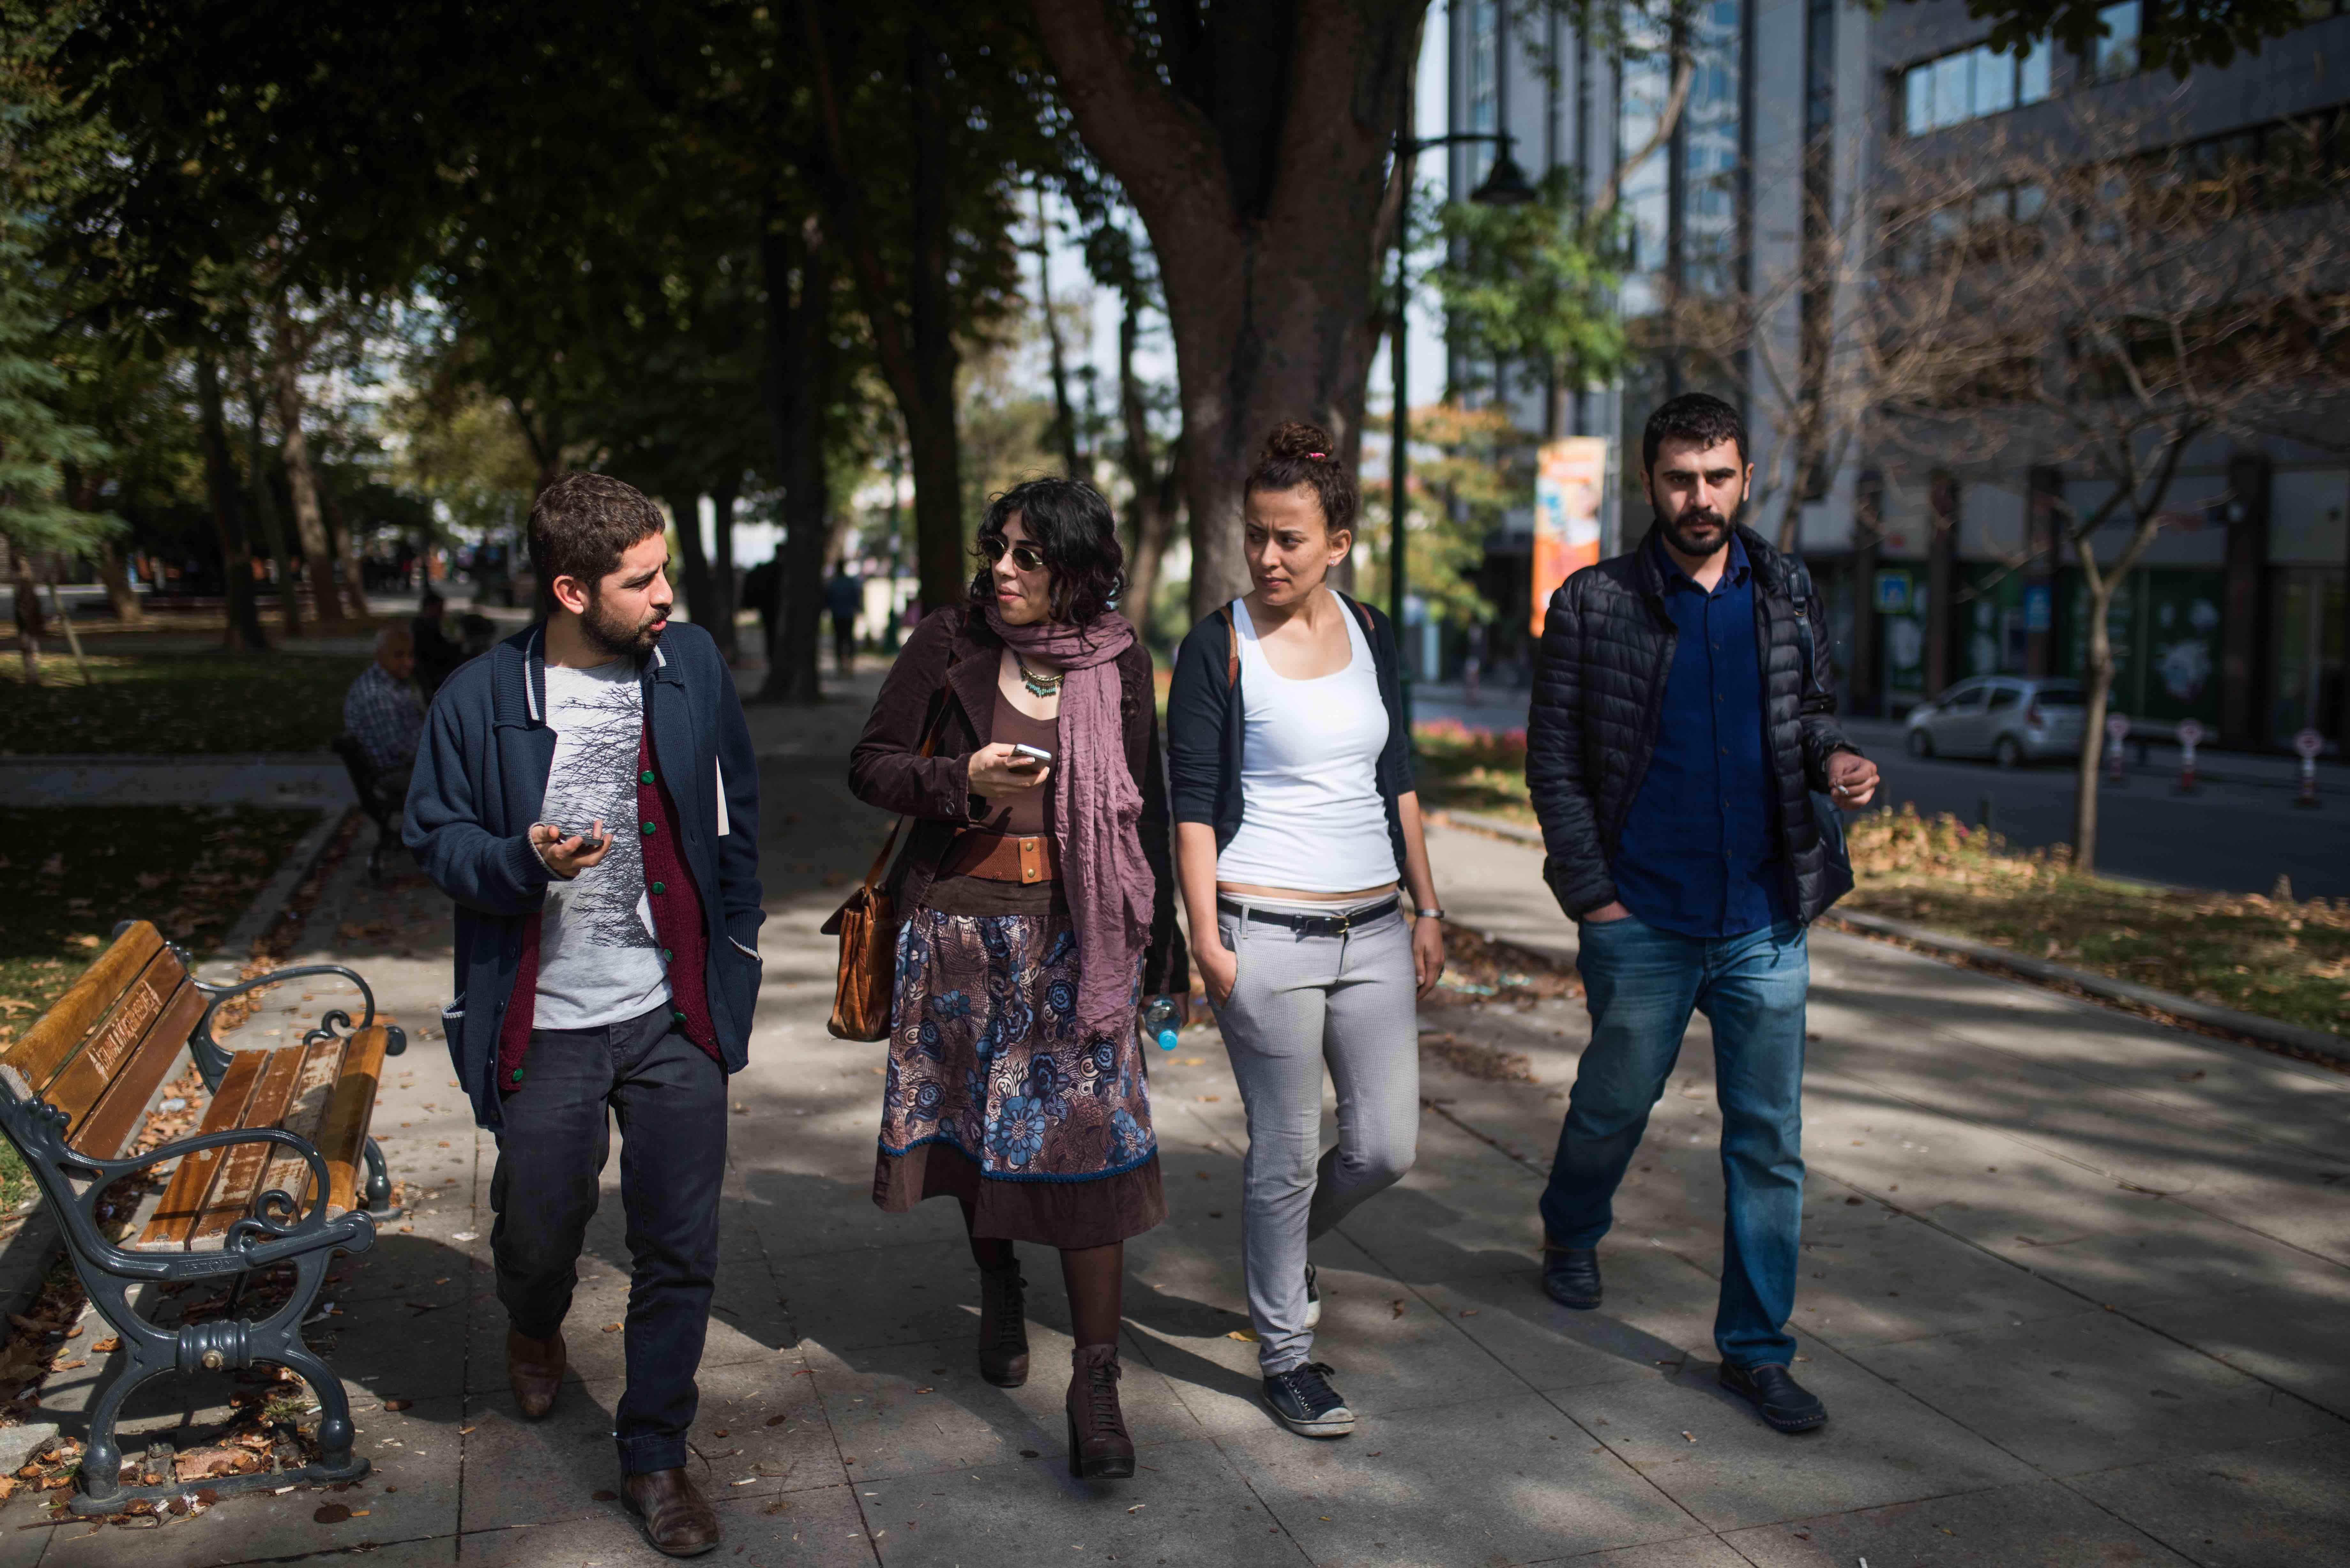 Gezi park_ Cagri, Heja, Mehtap, Hisyar